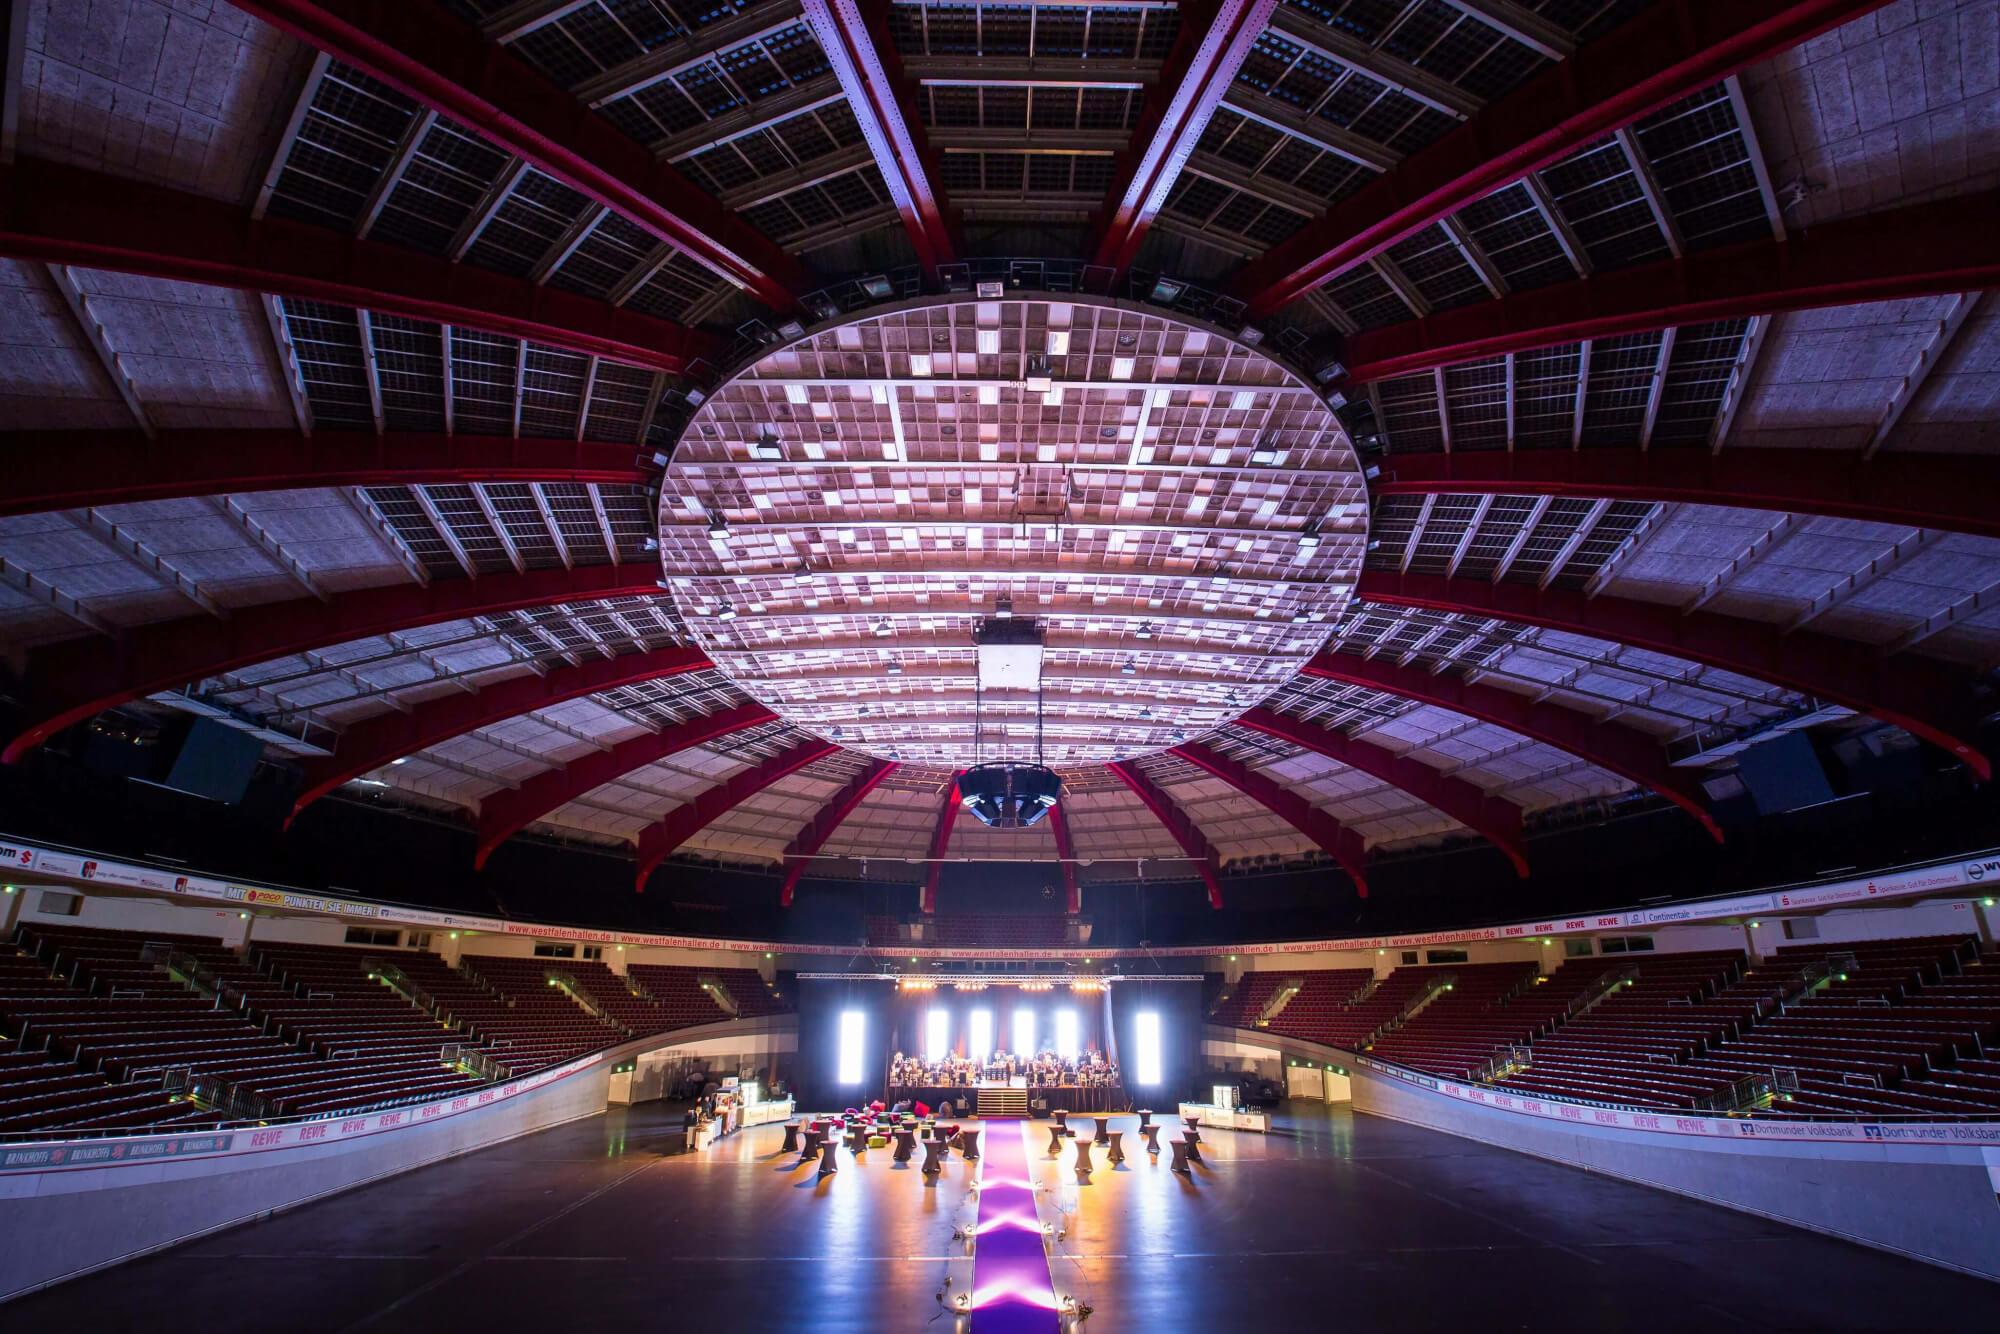 Ortsbild Westfalenhalle Dortmund - Handwerk